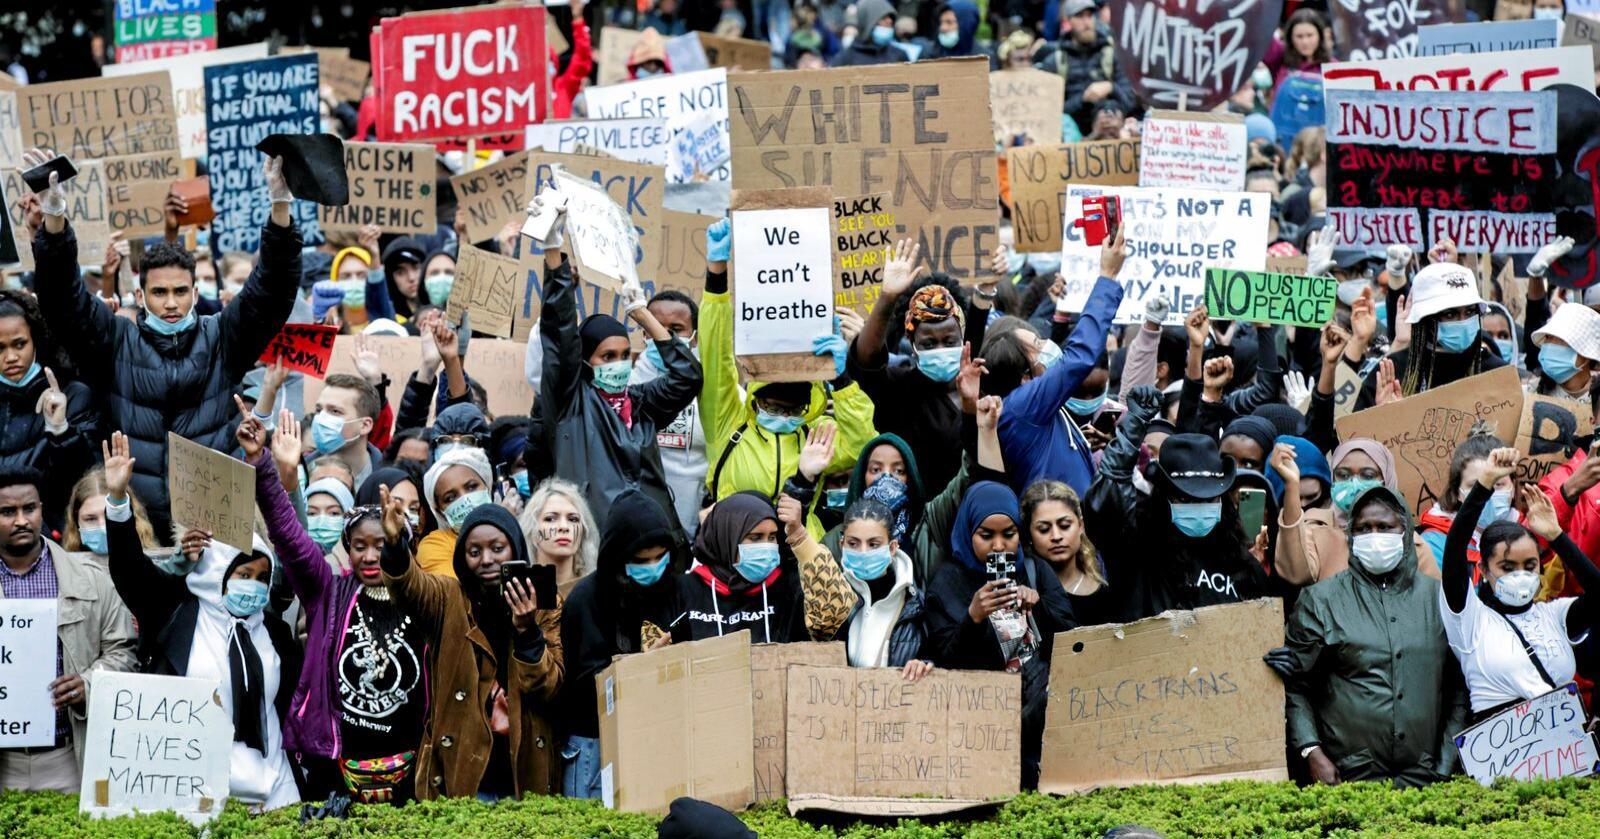 Black Lives Matters: Antirasismebevegelsen har fått mange grupper til å protestere mot diskriminering og sette ord på sin egen opplevelse av ikke å få puste. Foto: Vidar Ruud / NTB scanpix